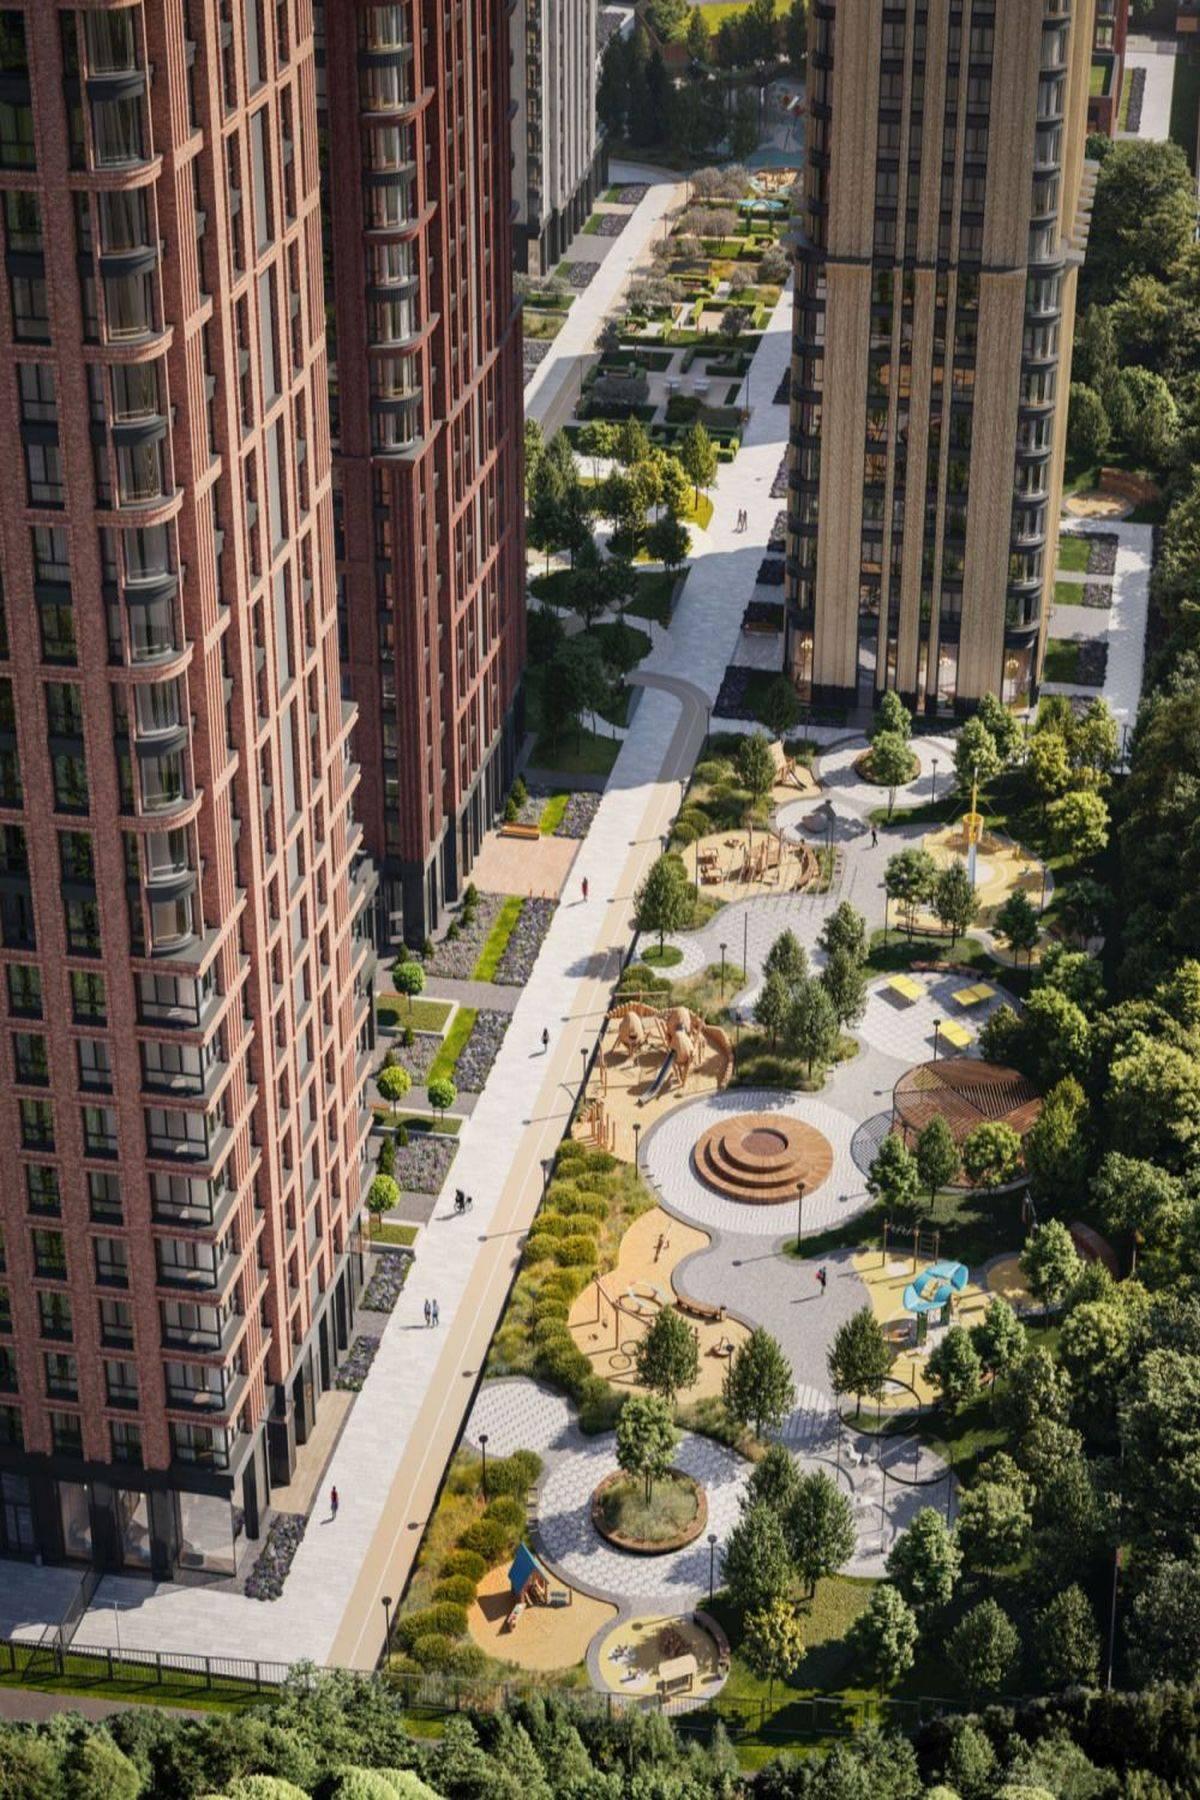 «Селигер Сити» и «Павелецкая Сити» вошли в Топ-8 жилых комплексов Москвы с самыми большими дворами